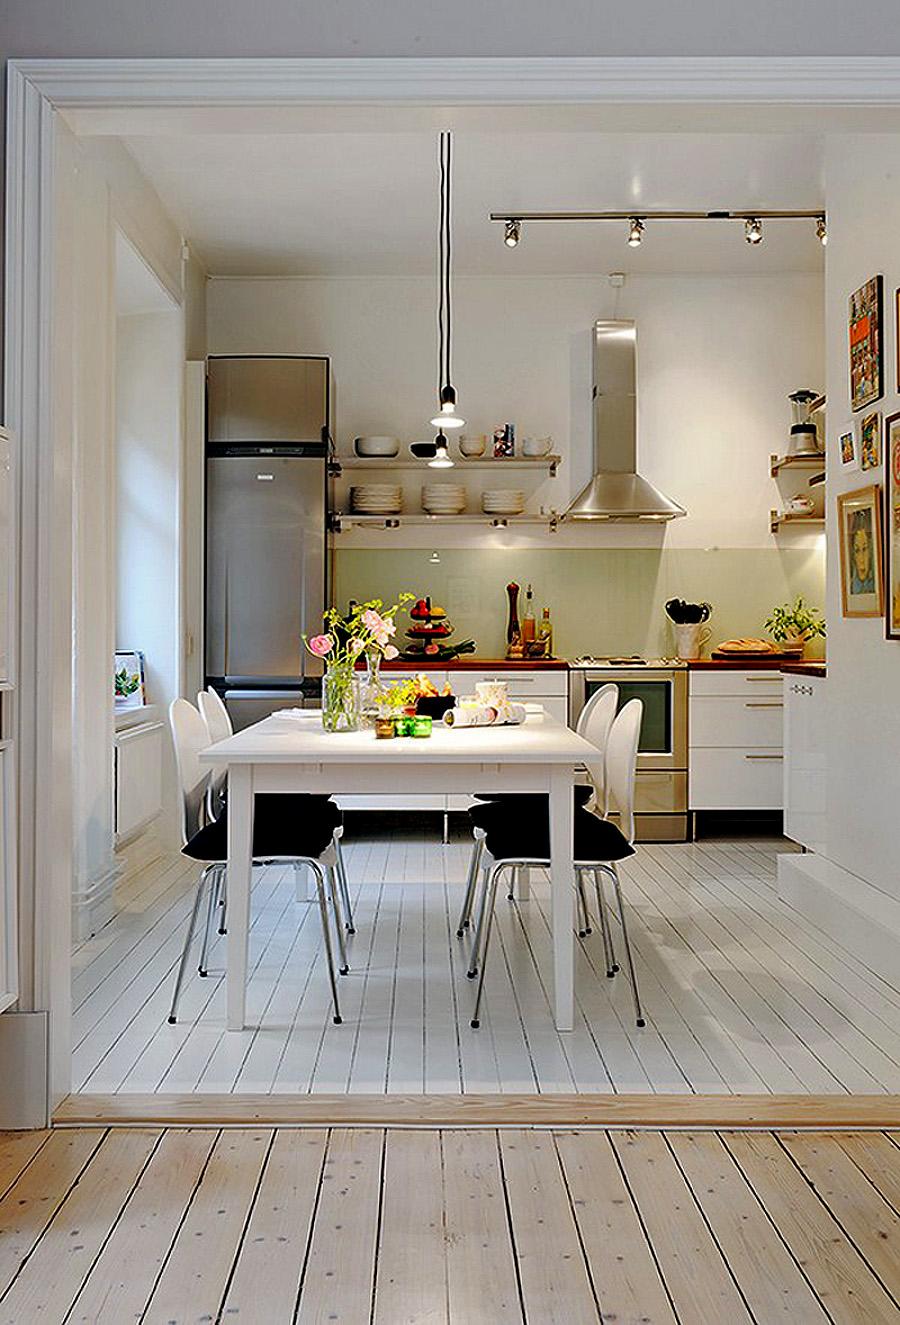 luksus-interiør-design-ideer-til-lejlighed-køkken-med-ekstra-lejlighed-design-koncept-med-interiør-design-ideer-til-lejlighed-køkken-lejlighed-design-let